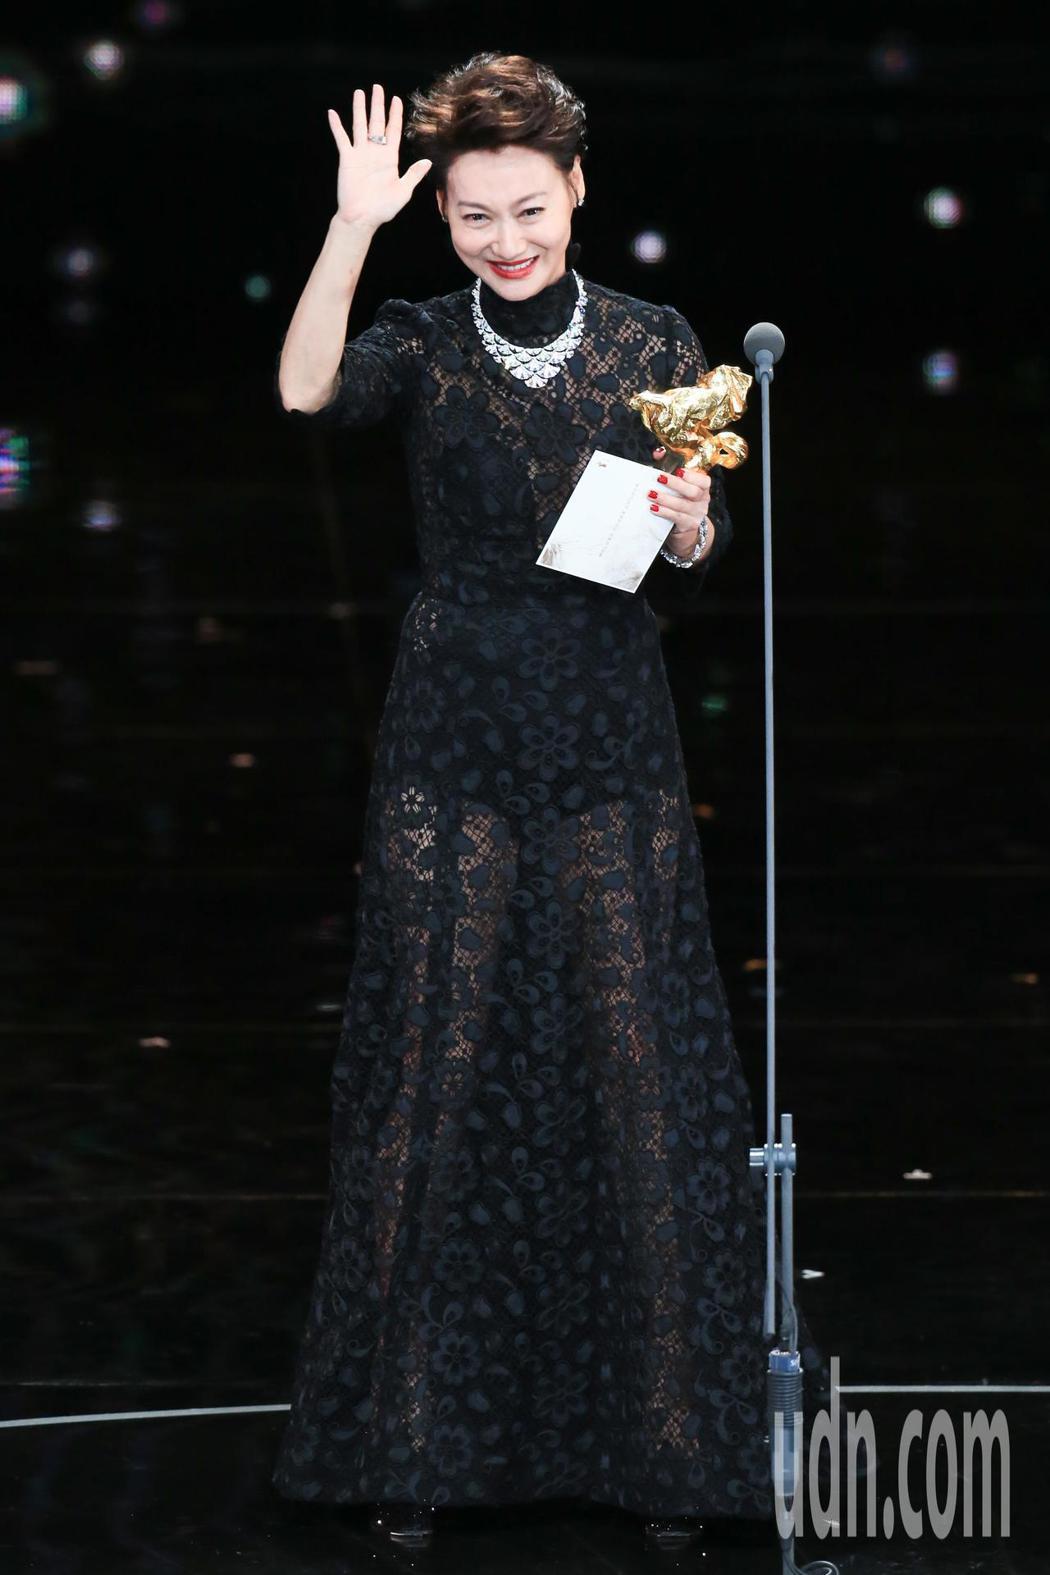 第五十四屆金馬獎,惠英紅獲最佳女主角獎。記者陳瑞源/攝影